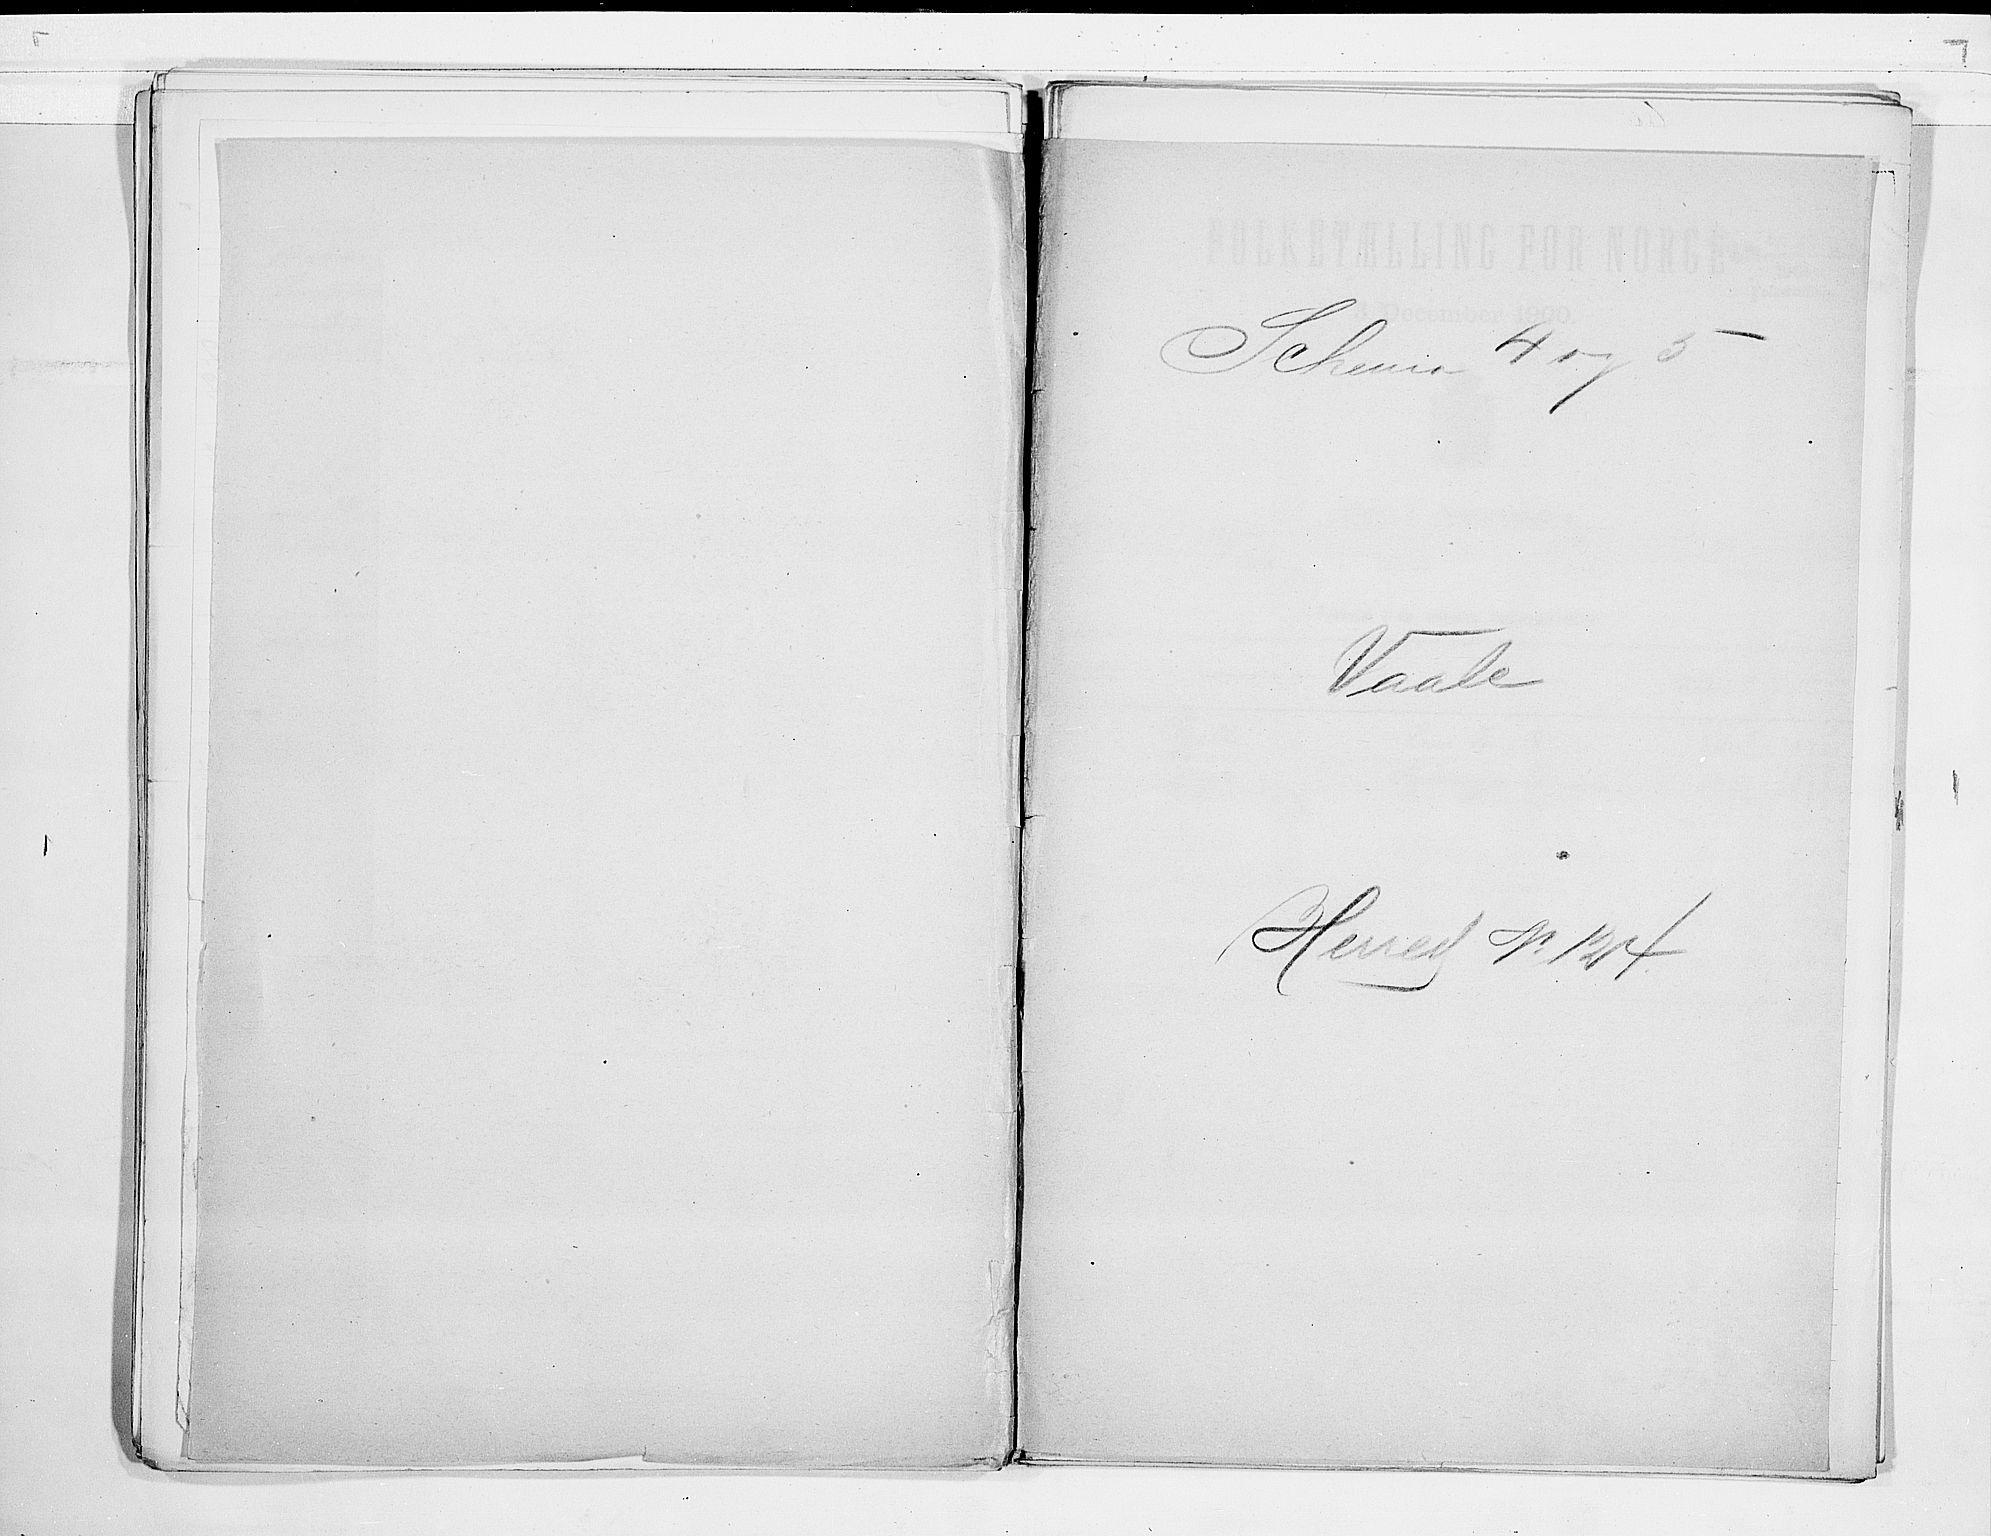 RA, Folketelling 1900 for 0716 Våle herred, 1900, s. 1